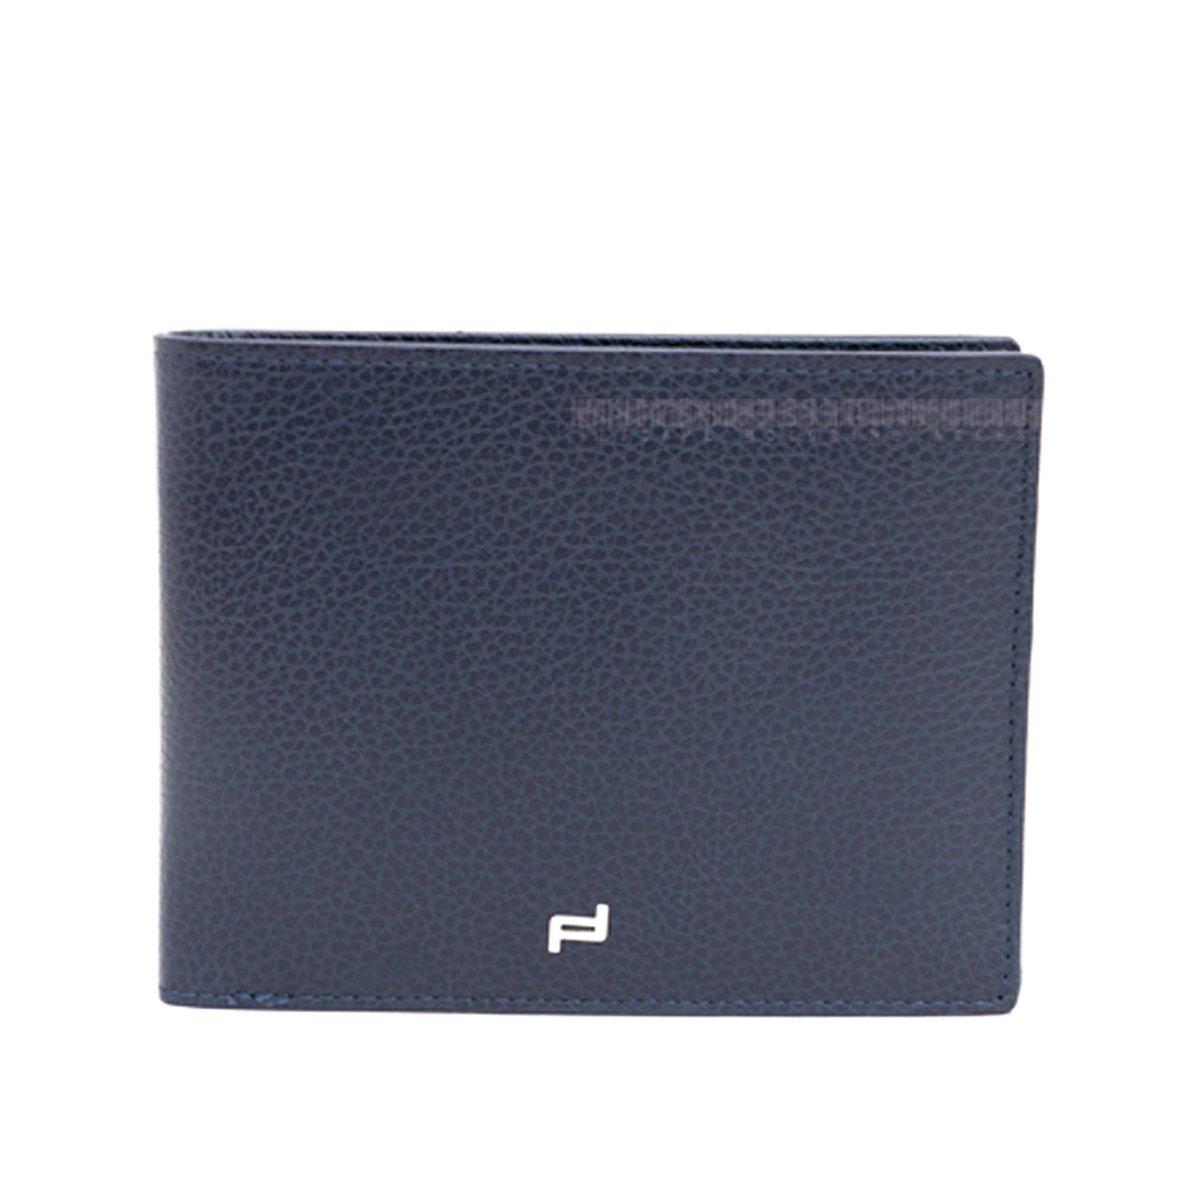 ポルシェデザイン 財布 PORSCHE DESIGN FRENCH CLASSIC 4.1 LH10 Billford